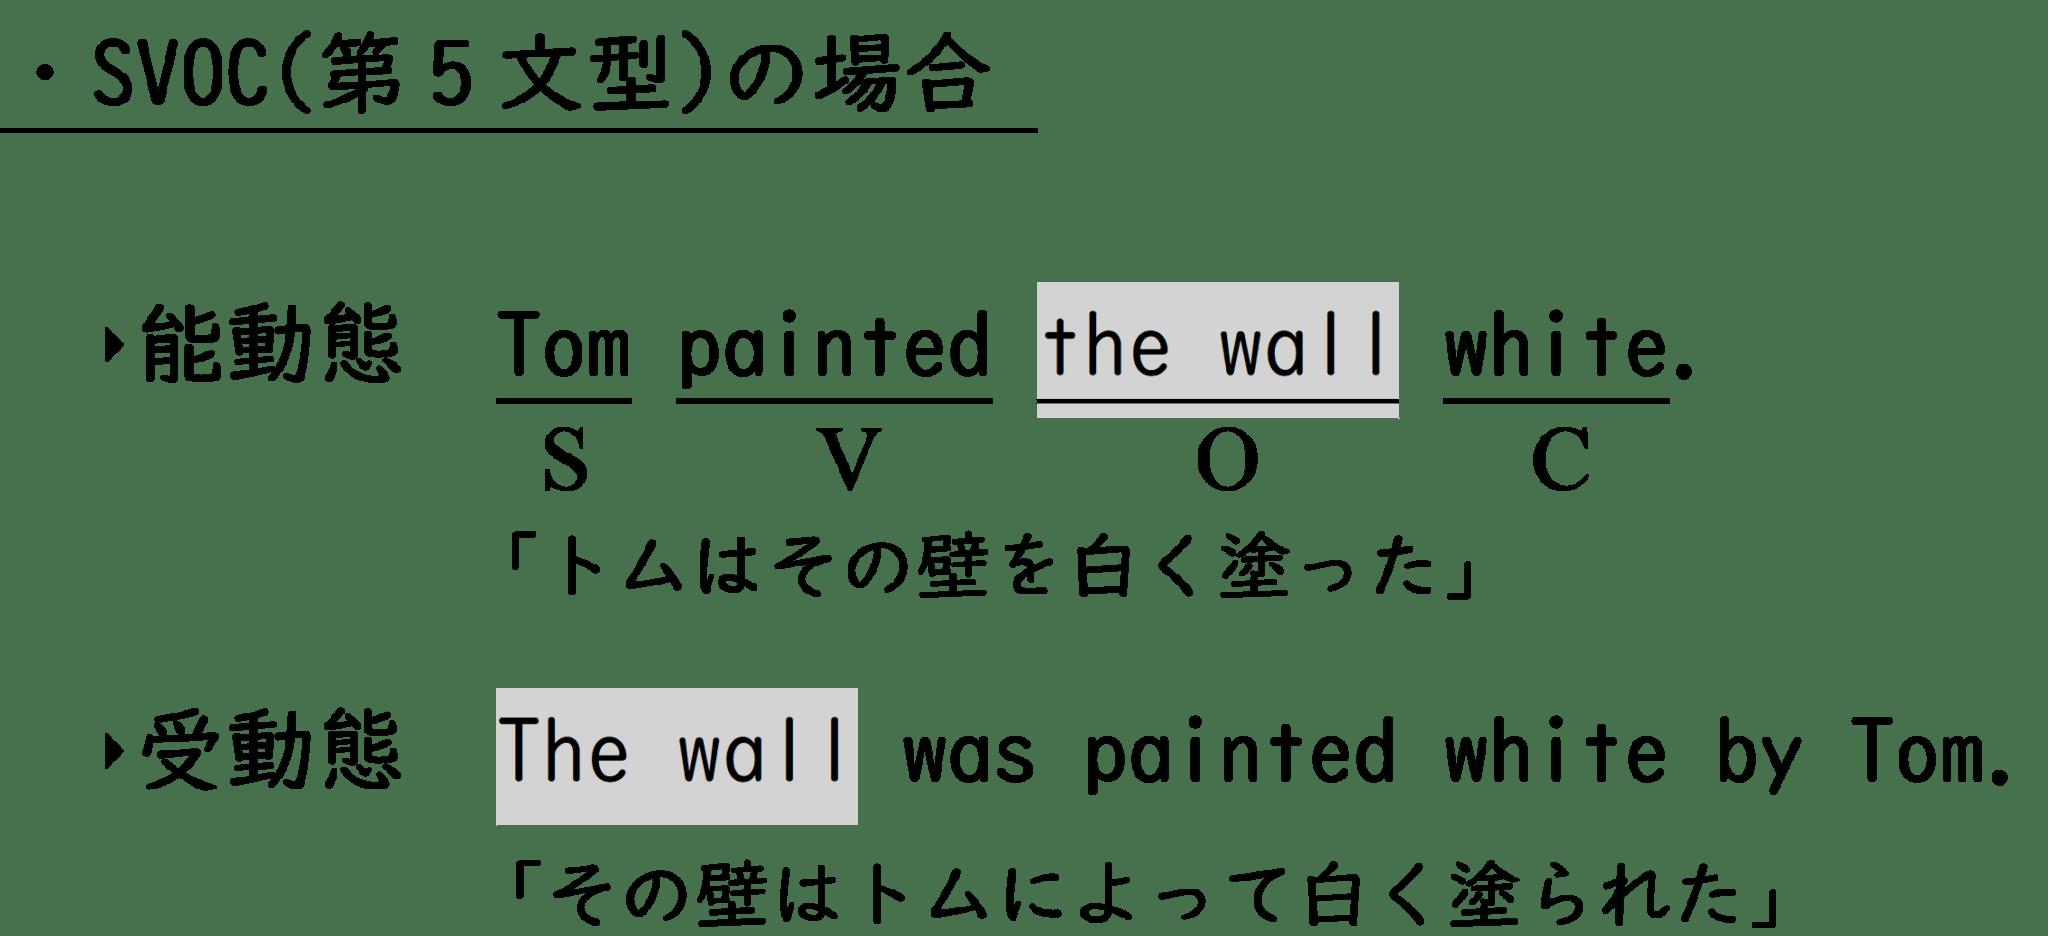 第5文型の例文